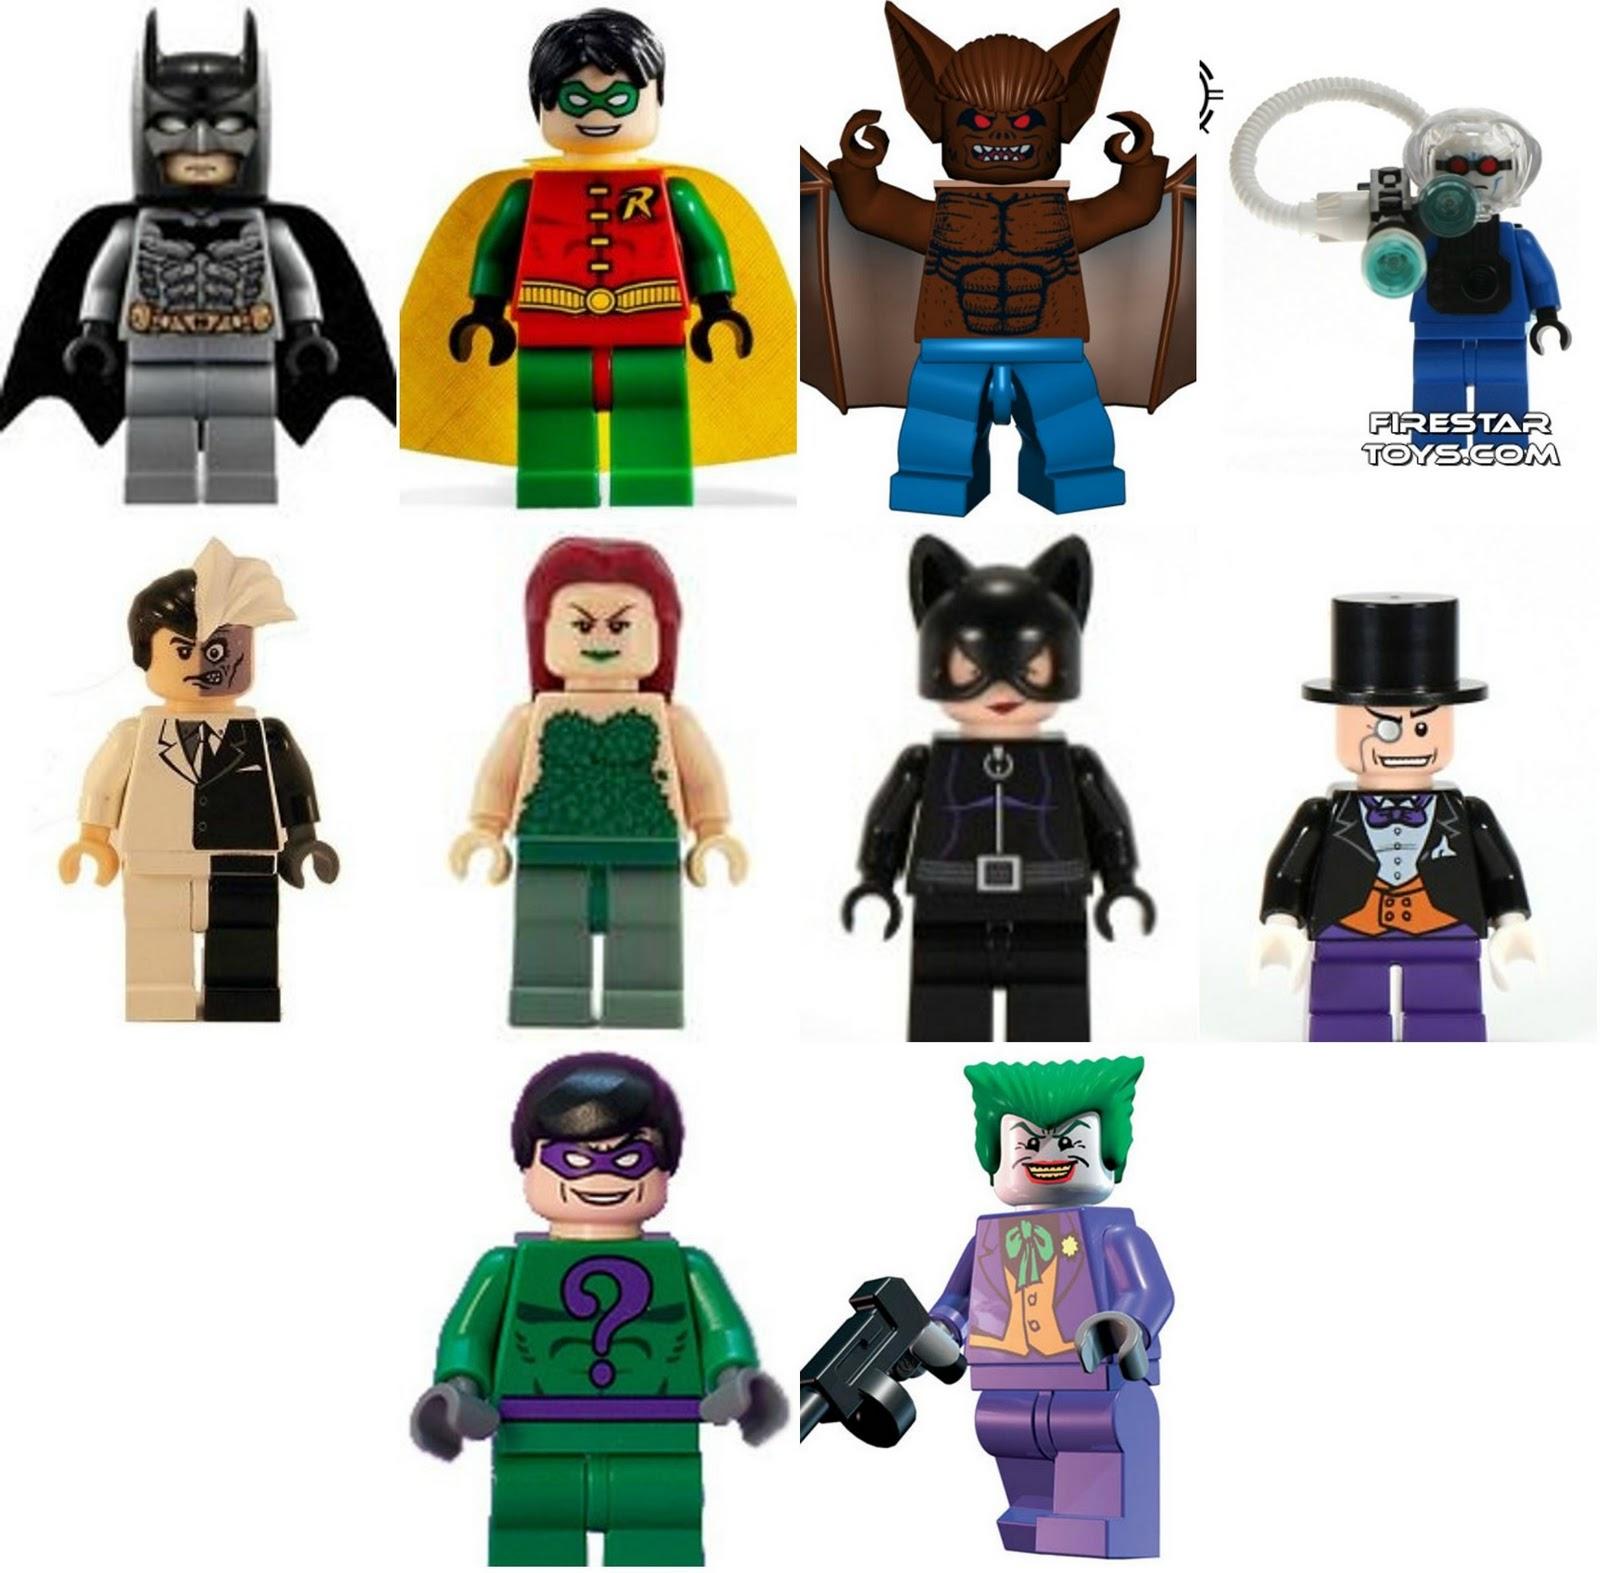 http://1.bp.blogspot.com/-7iSFPRucXBw/Tq2beYVAoHI/AAAAAAAABA0/__Werg6vbqU/s1600/Lego%2Bbatman%2Bcharacters-001.jpg